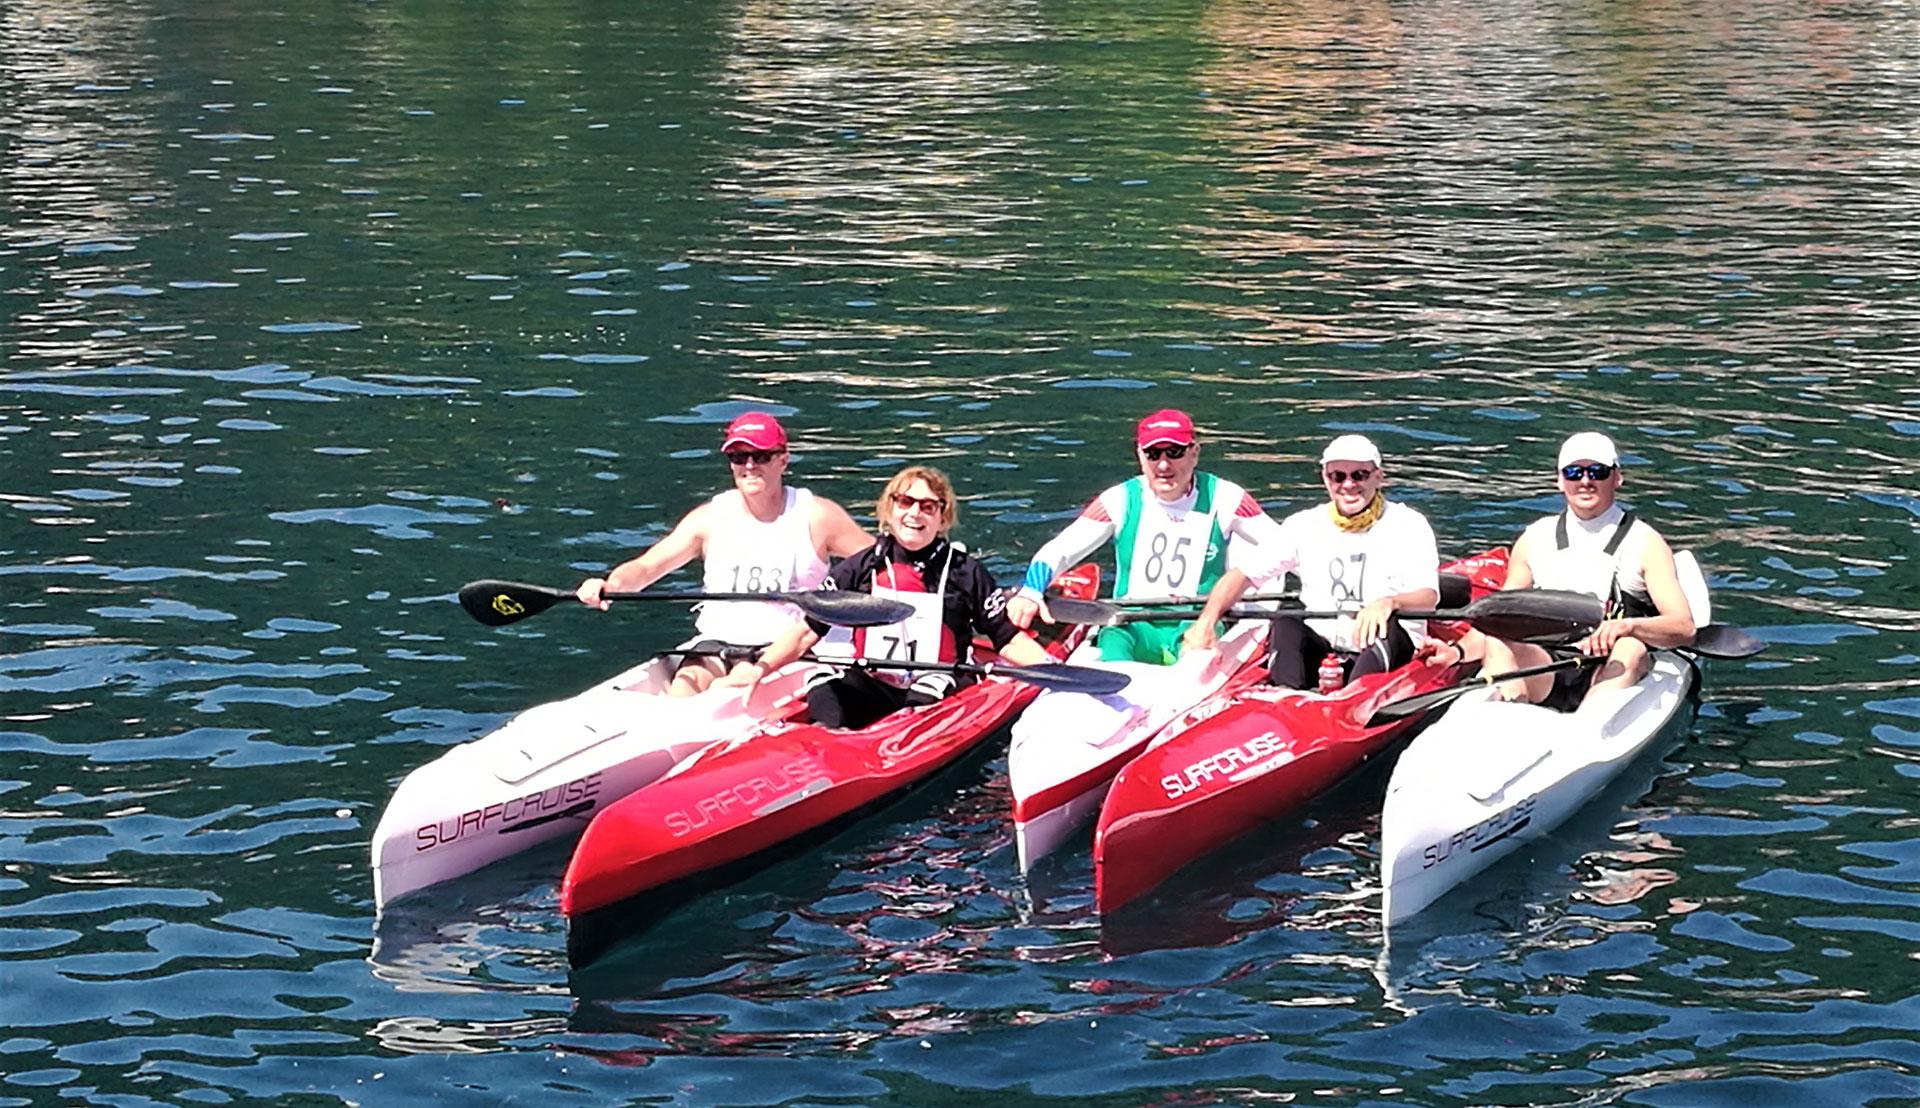 gara di canoa, allenamento competizione e divertimento sul lago kayak Surfcruise, gruppo canoisti